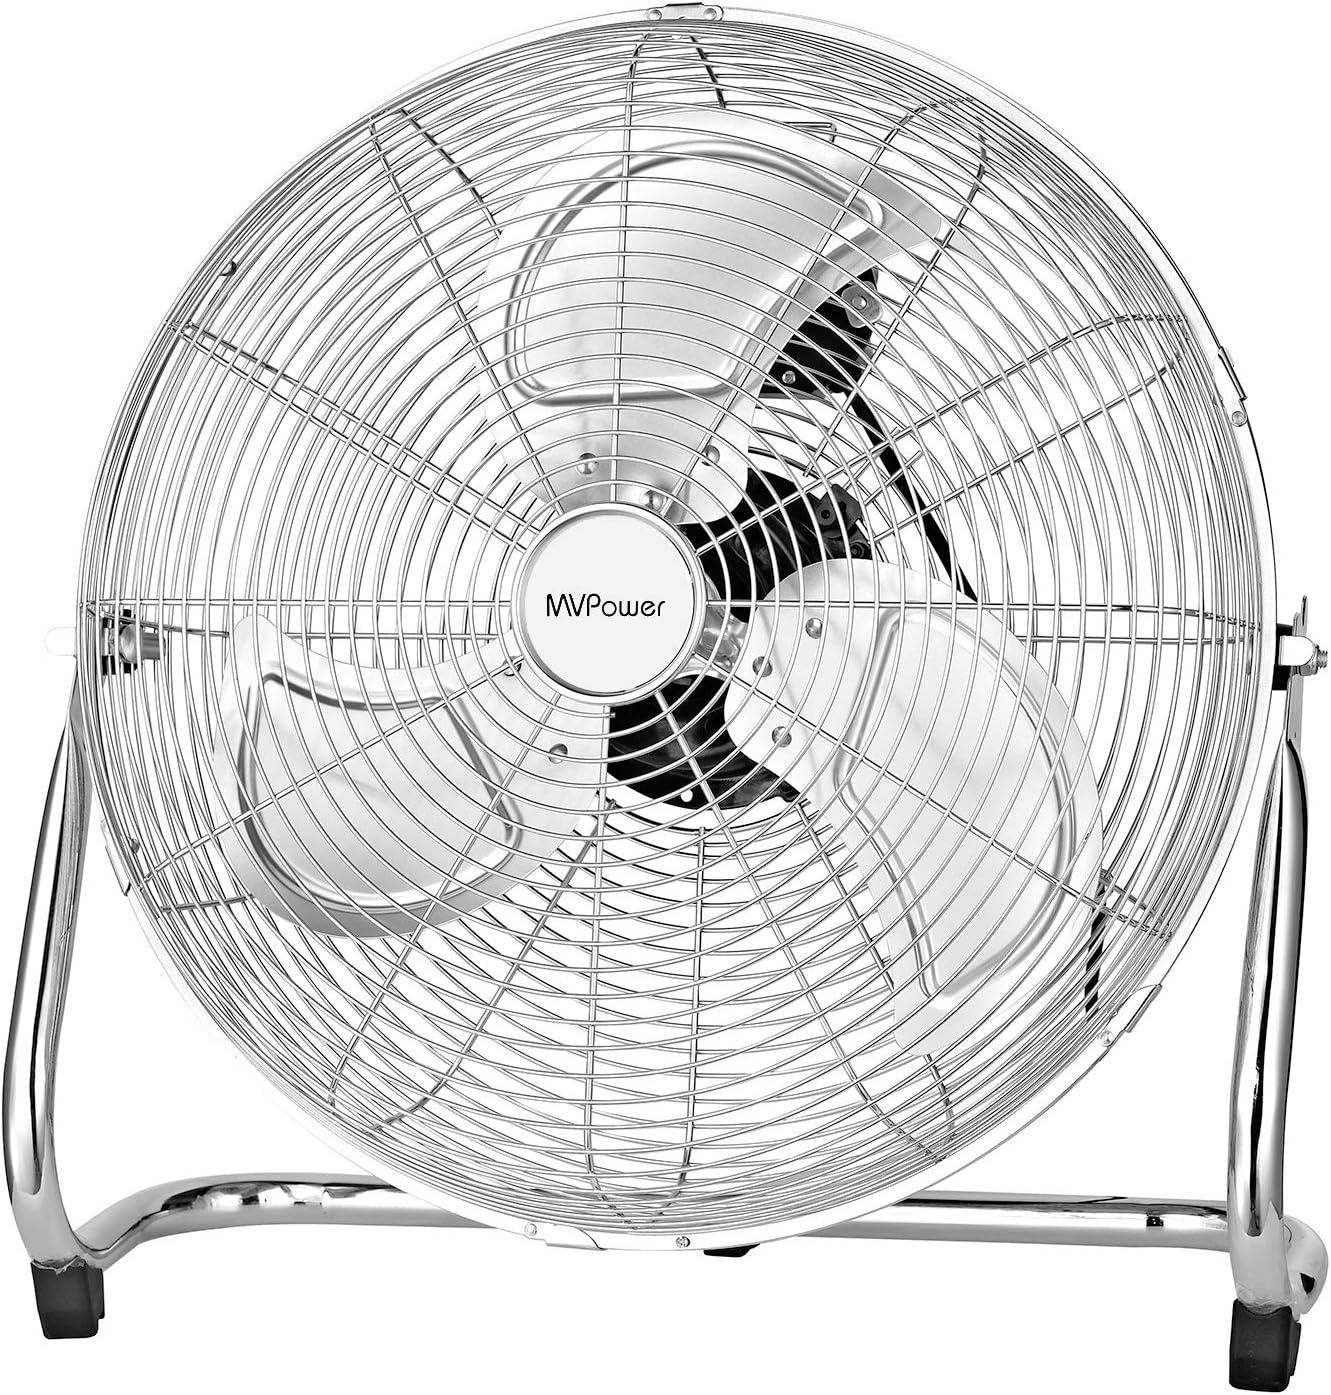 Ventilador de mesa MVPower, ventilador de piso de metal de 16 ...